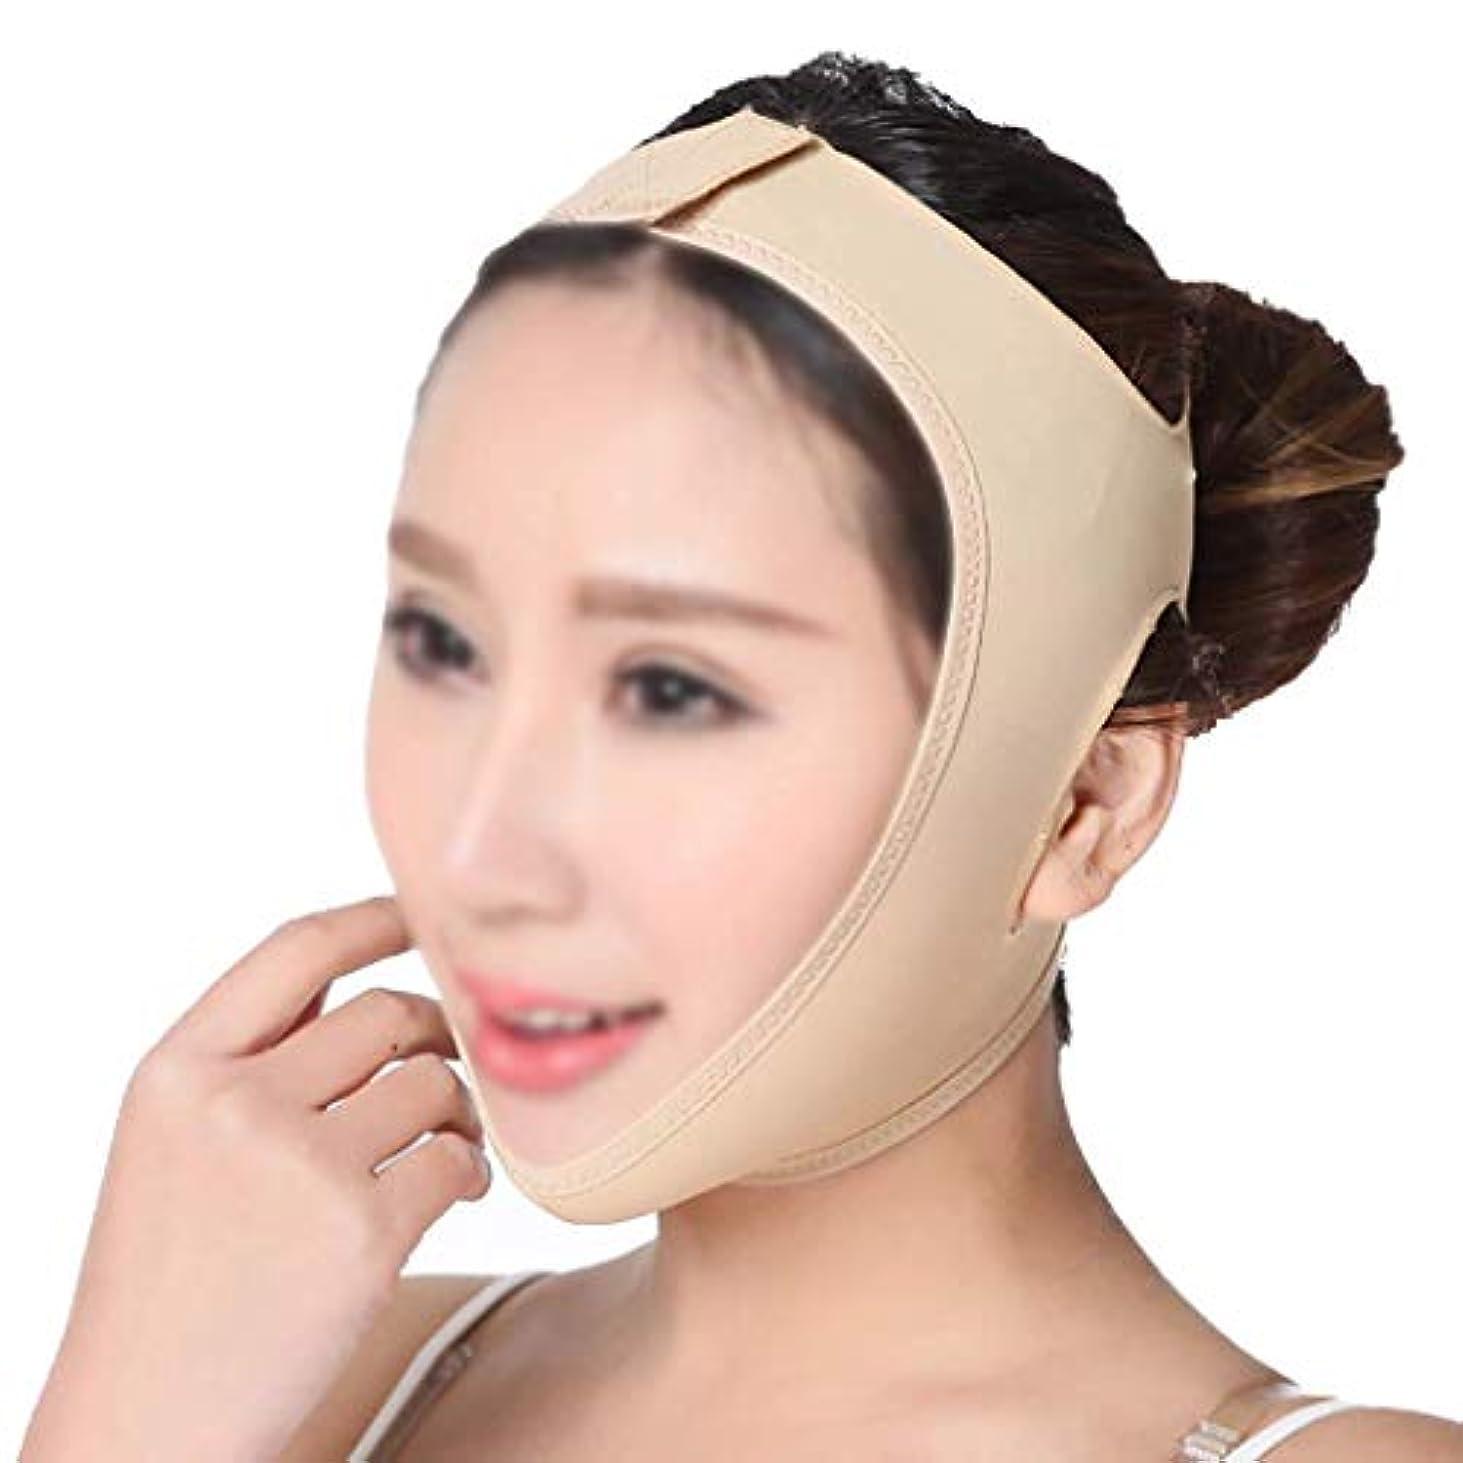 成分部屋を掃除する裸薄型フェイスバンデージフェイススリムダブル顎を取り除くVラインフェイスシェイプを作成チンチークリフトアップアンチリンクルリフティングベルトフェイスマッサージツール(サイズ:S),S